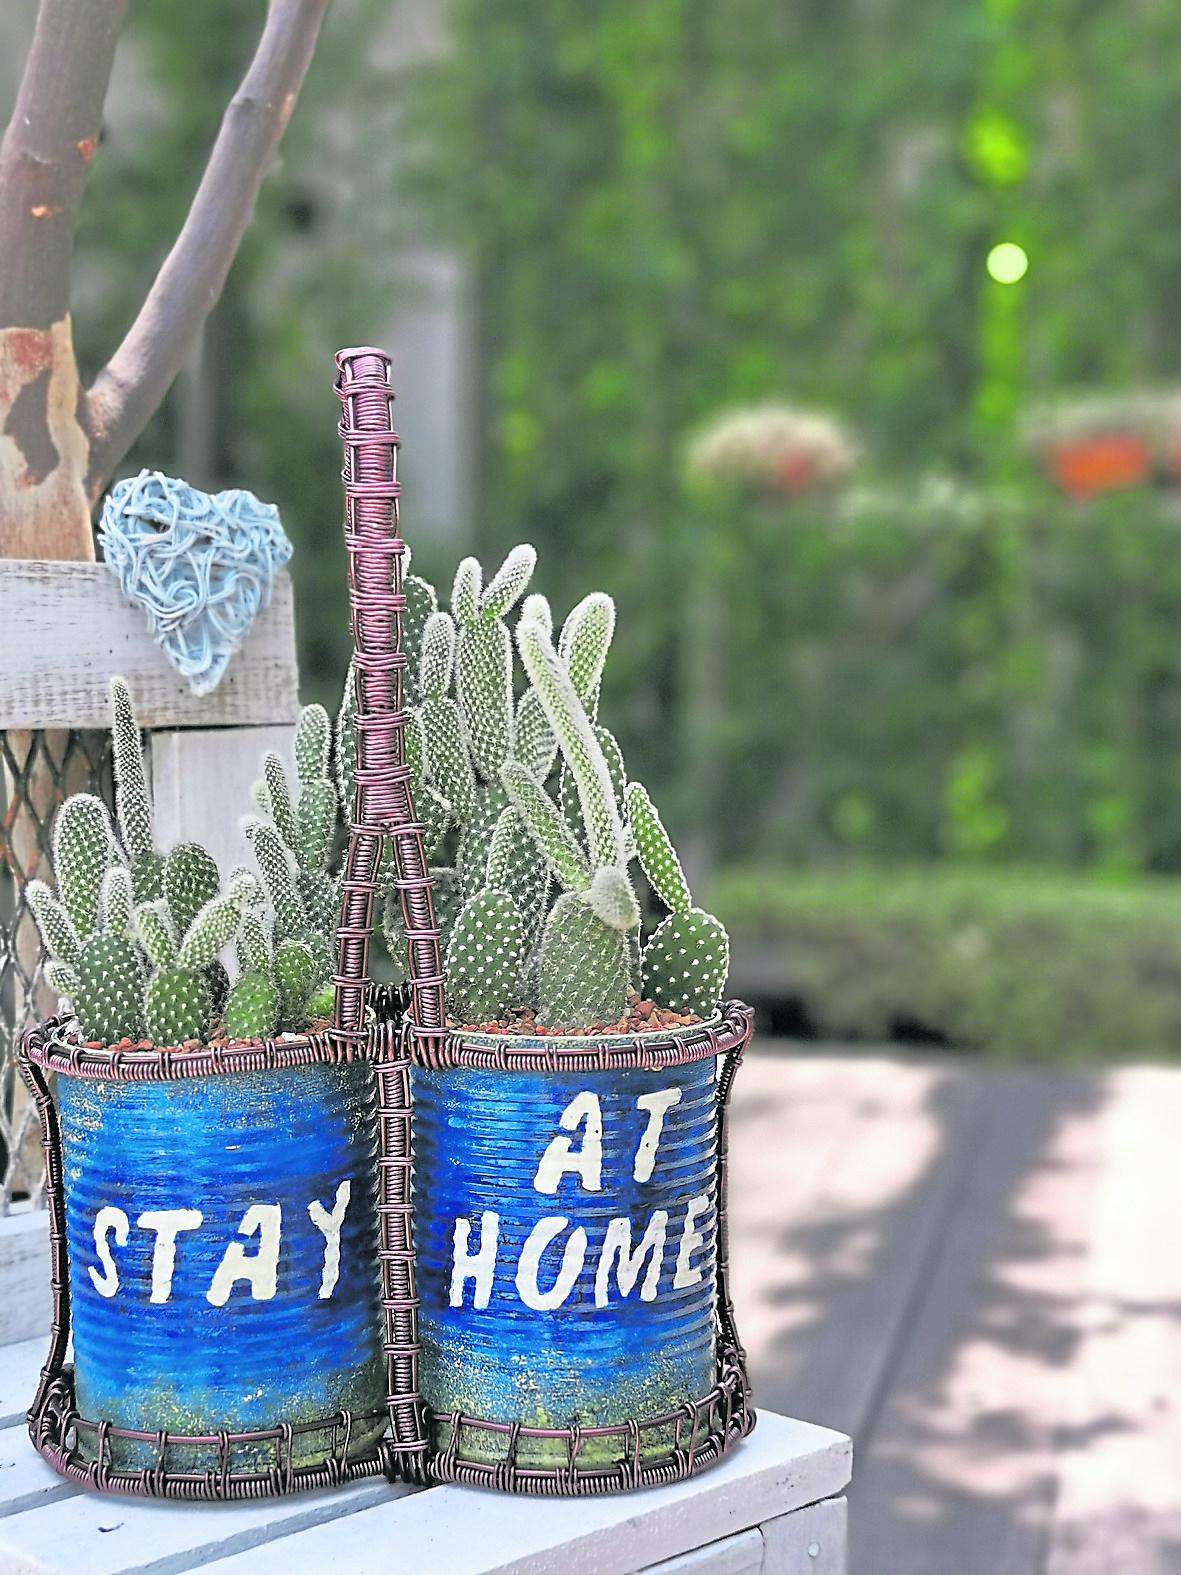 STAY AT HOME: 当环保铝罐遇上了铝线手作。